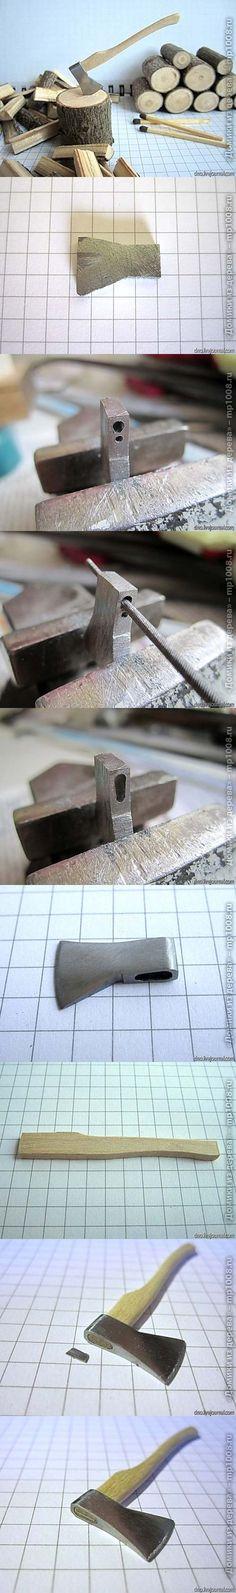 Cómo hacer un hacha miniatura